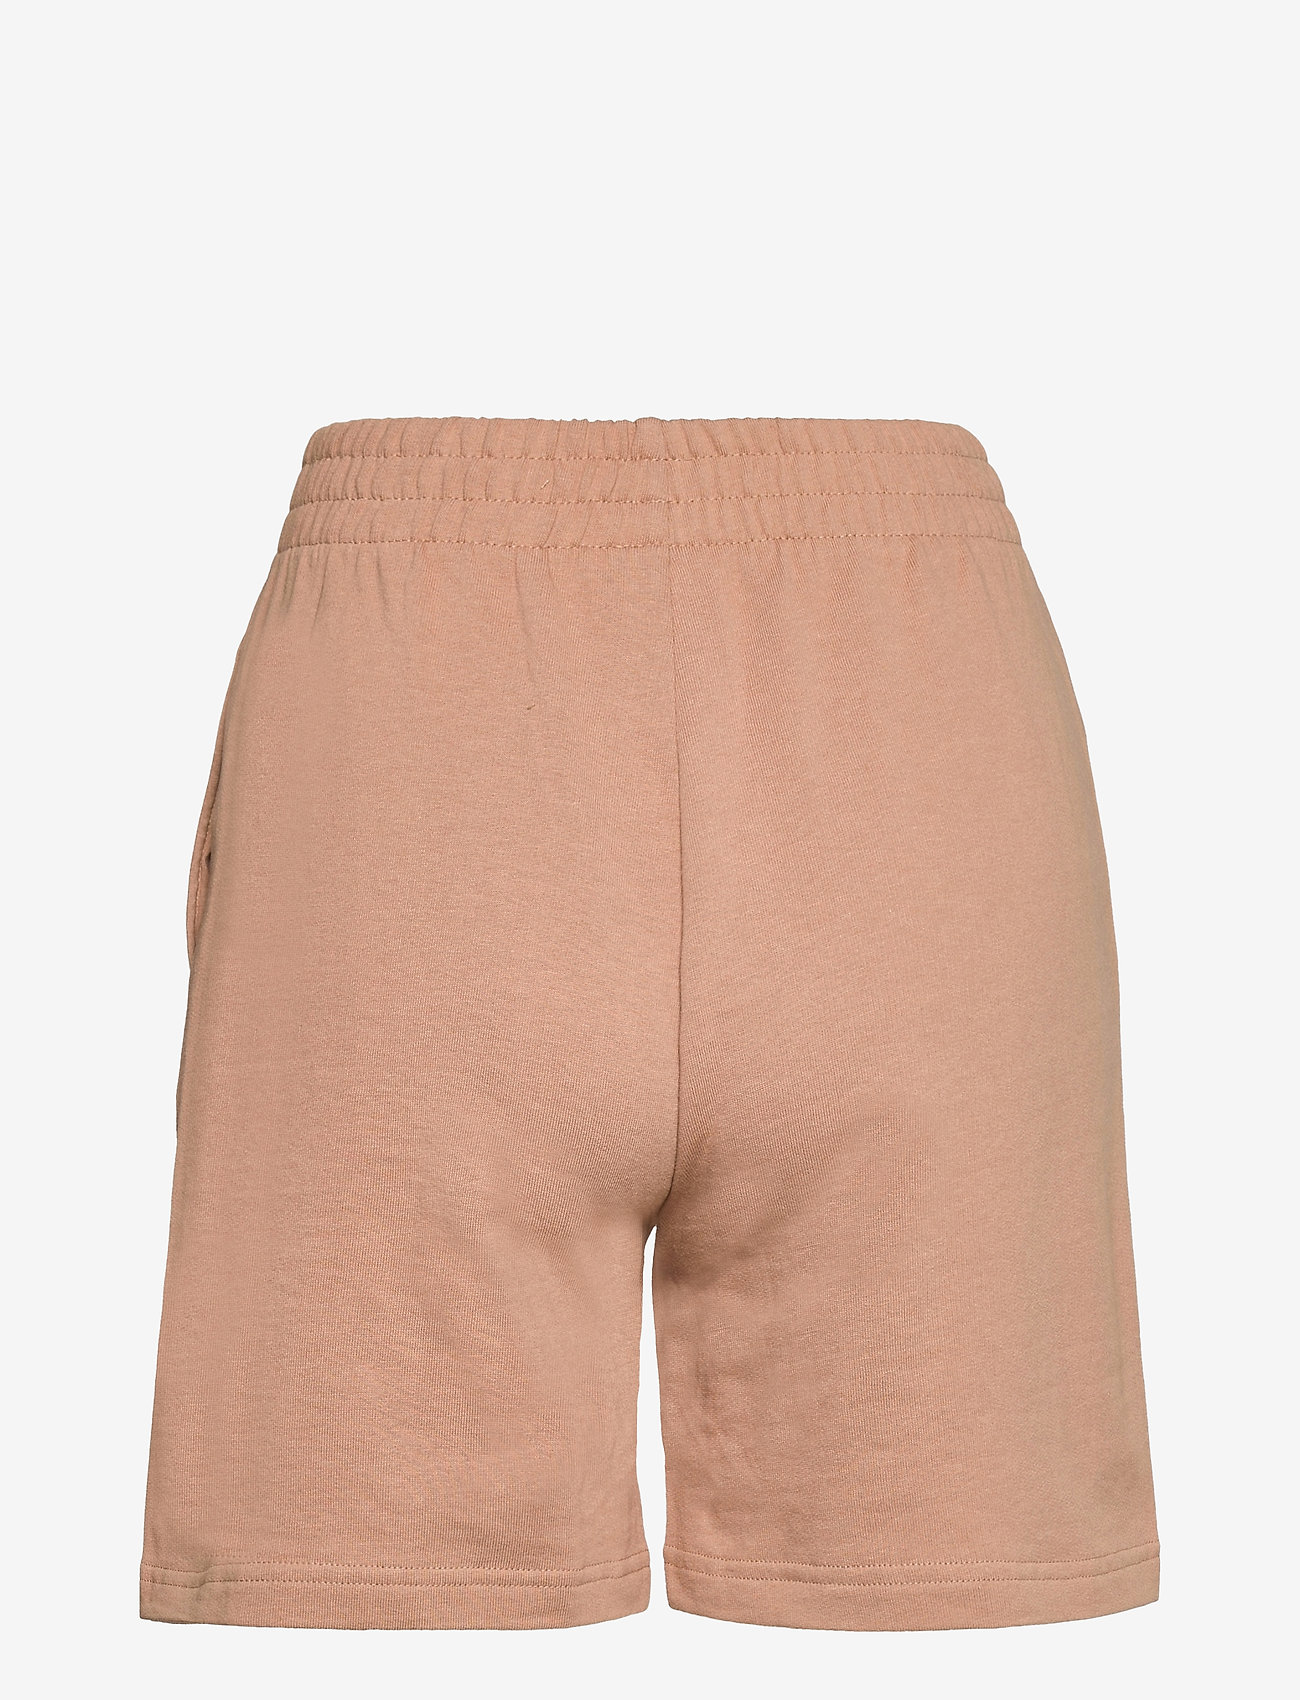 Gina Tricot - Nora shorts - shorts casual - amphora (7093) - 1